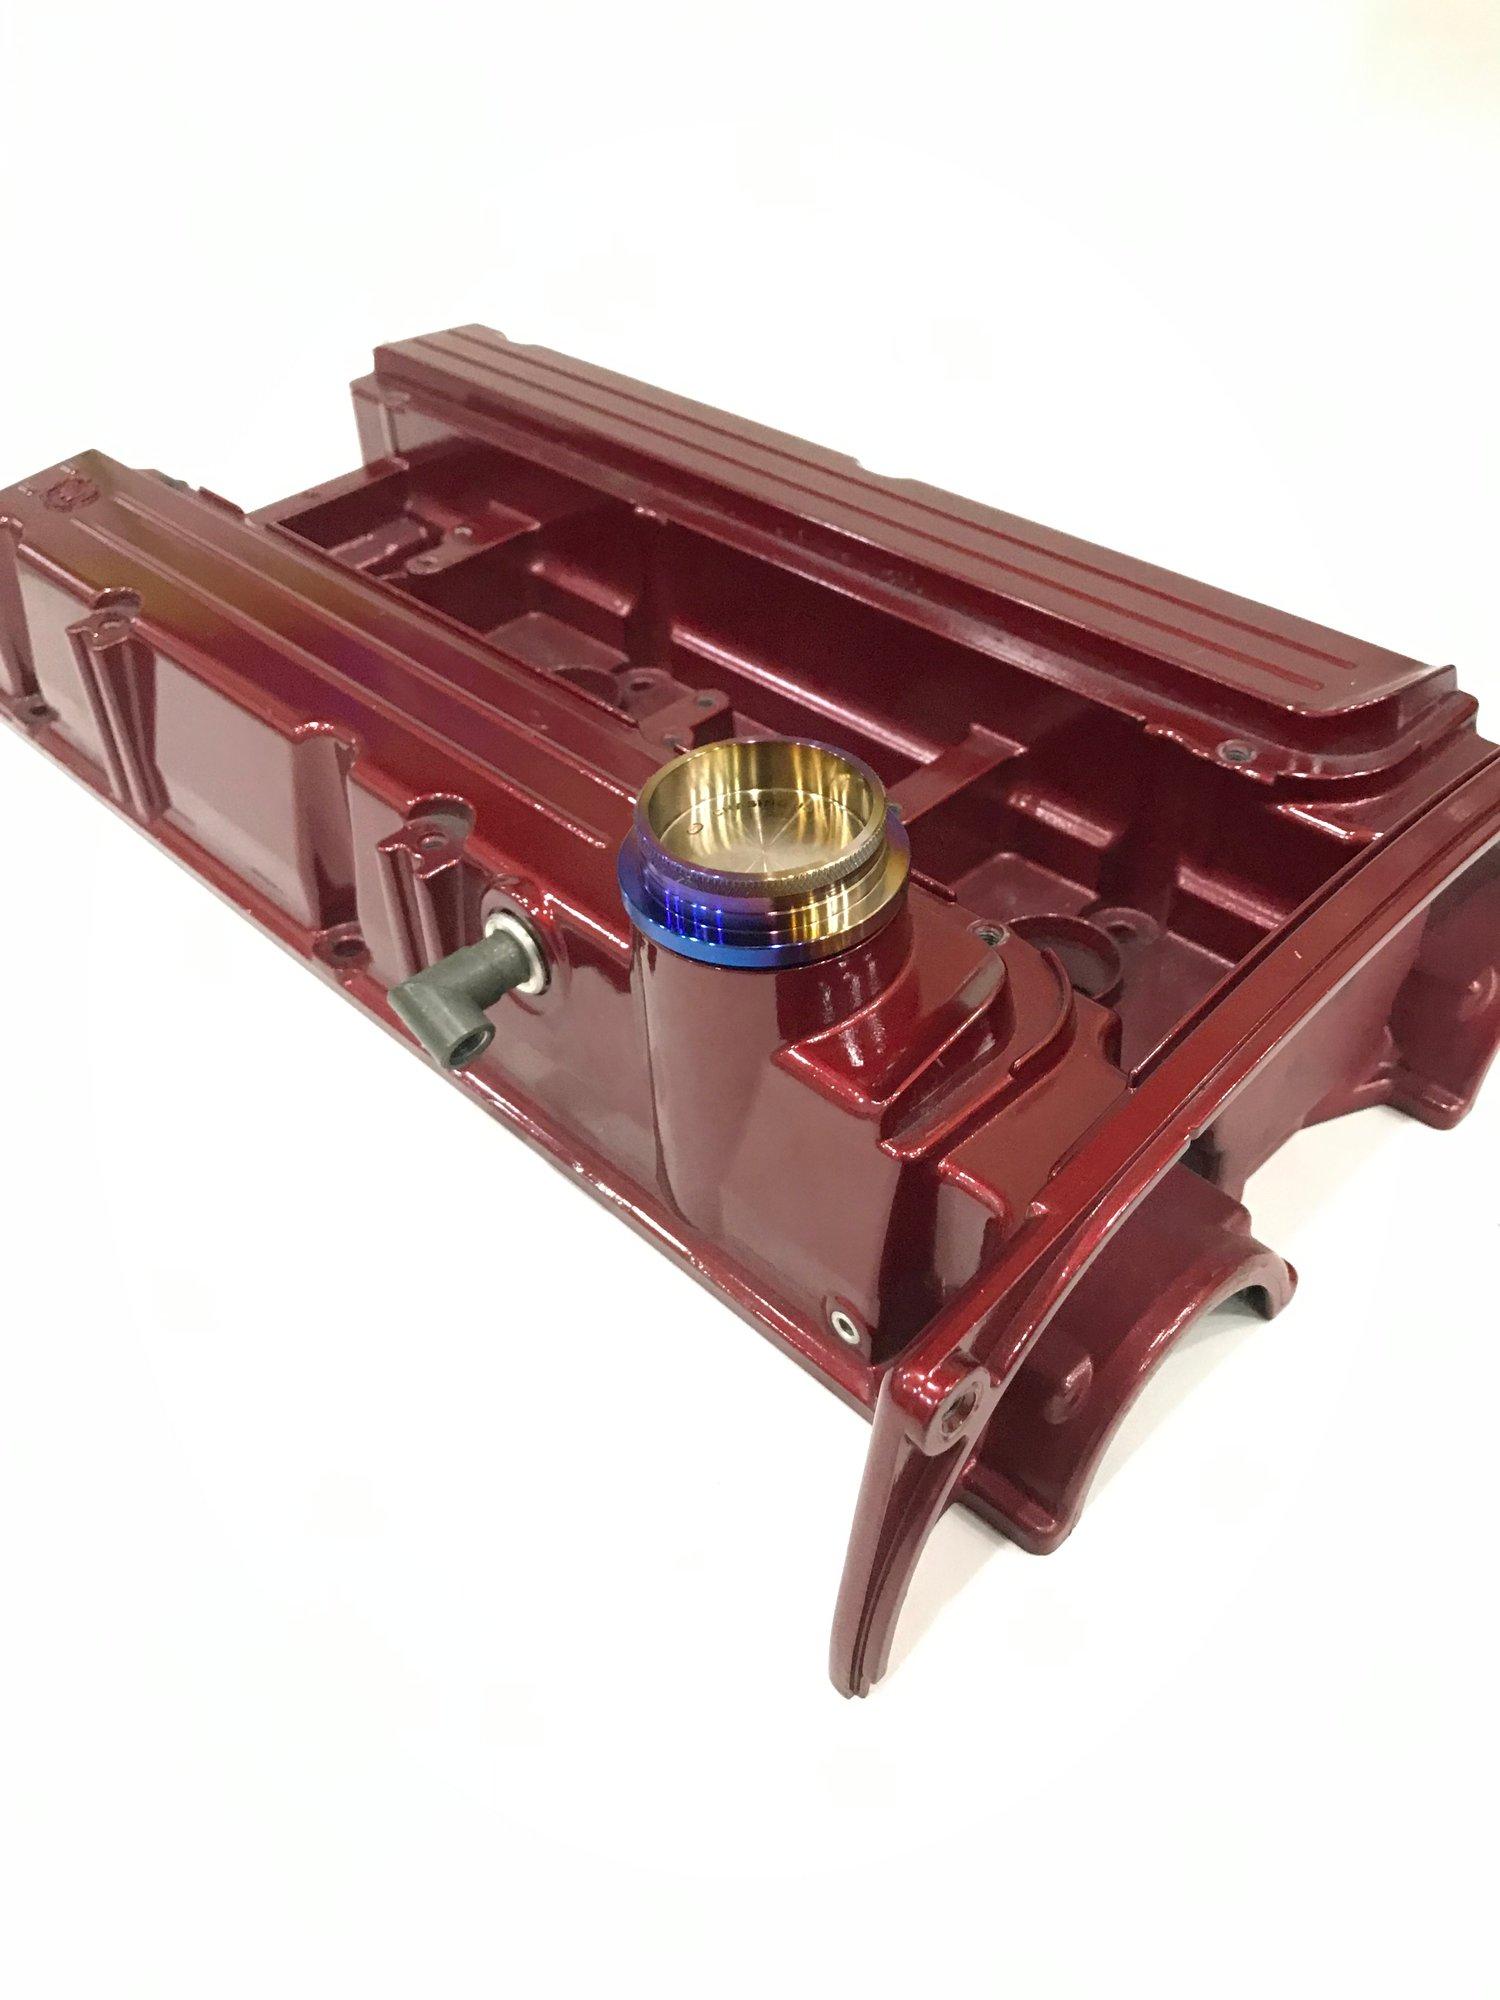 Image of Mitsubishi Evo 4-9  4G63  Titanium Oil cap